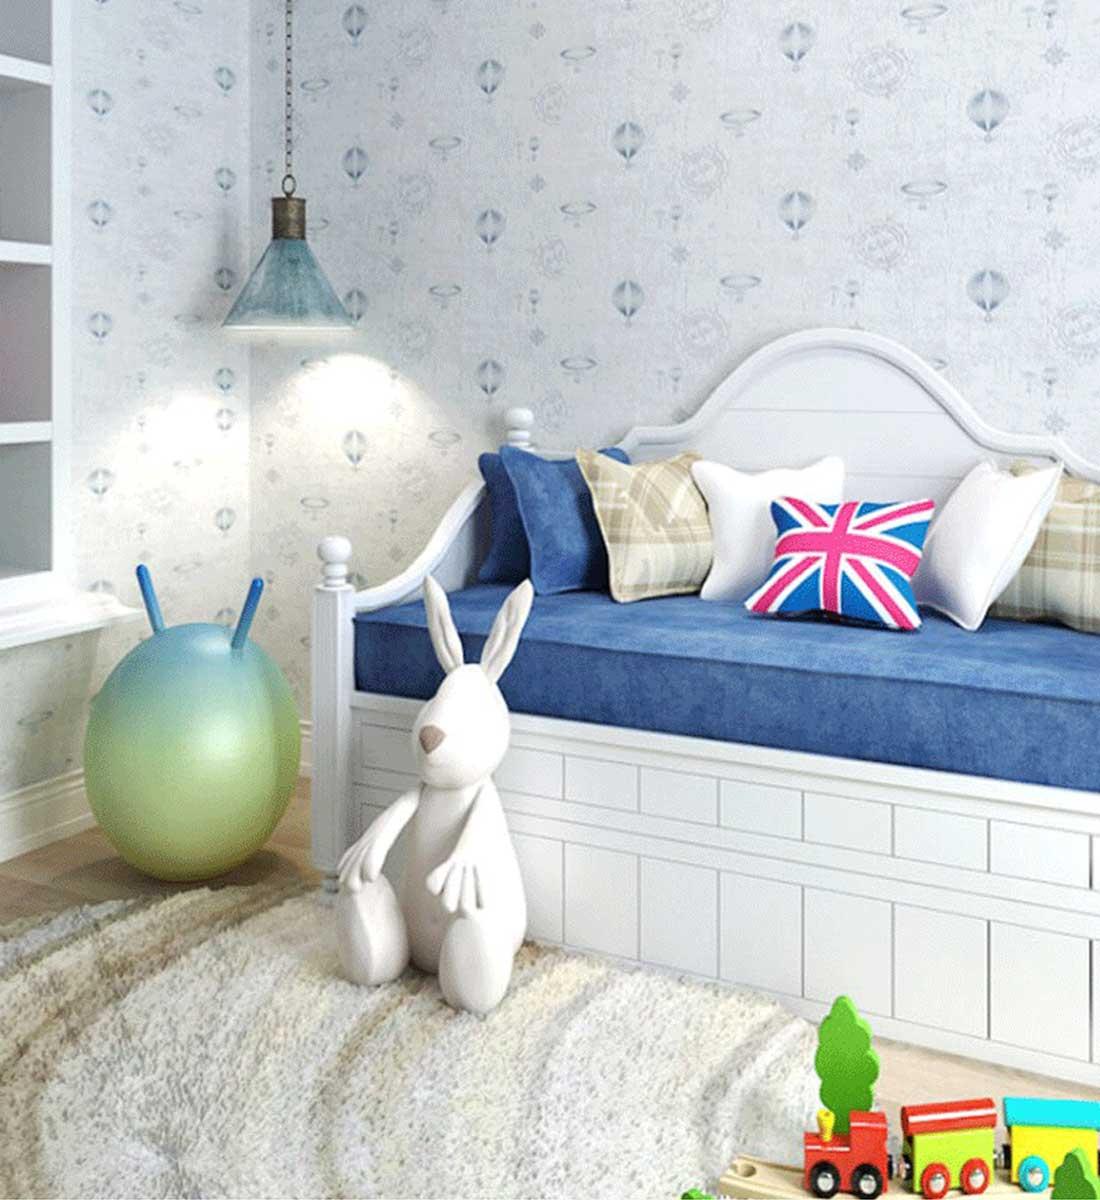 JCC天洋热气球蓝色精密提花墙布